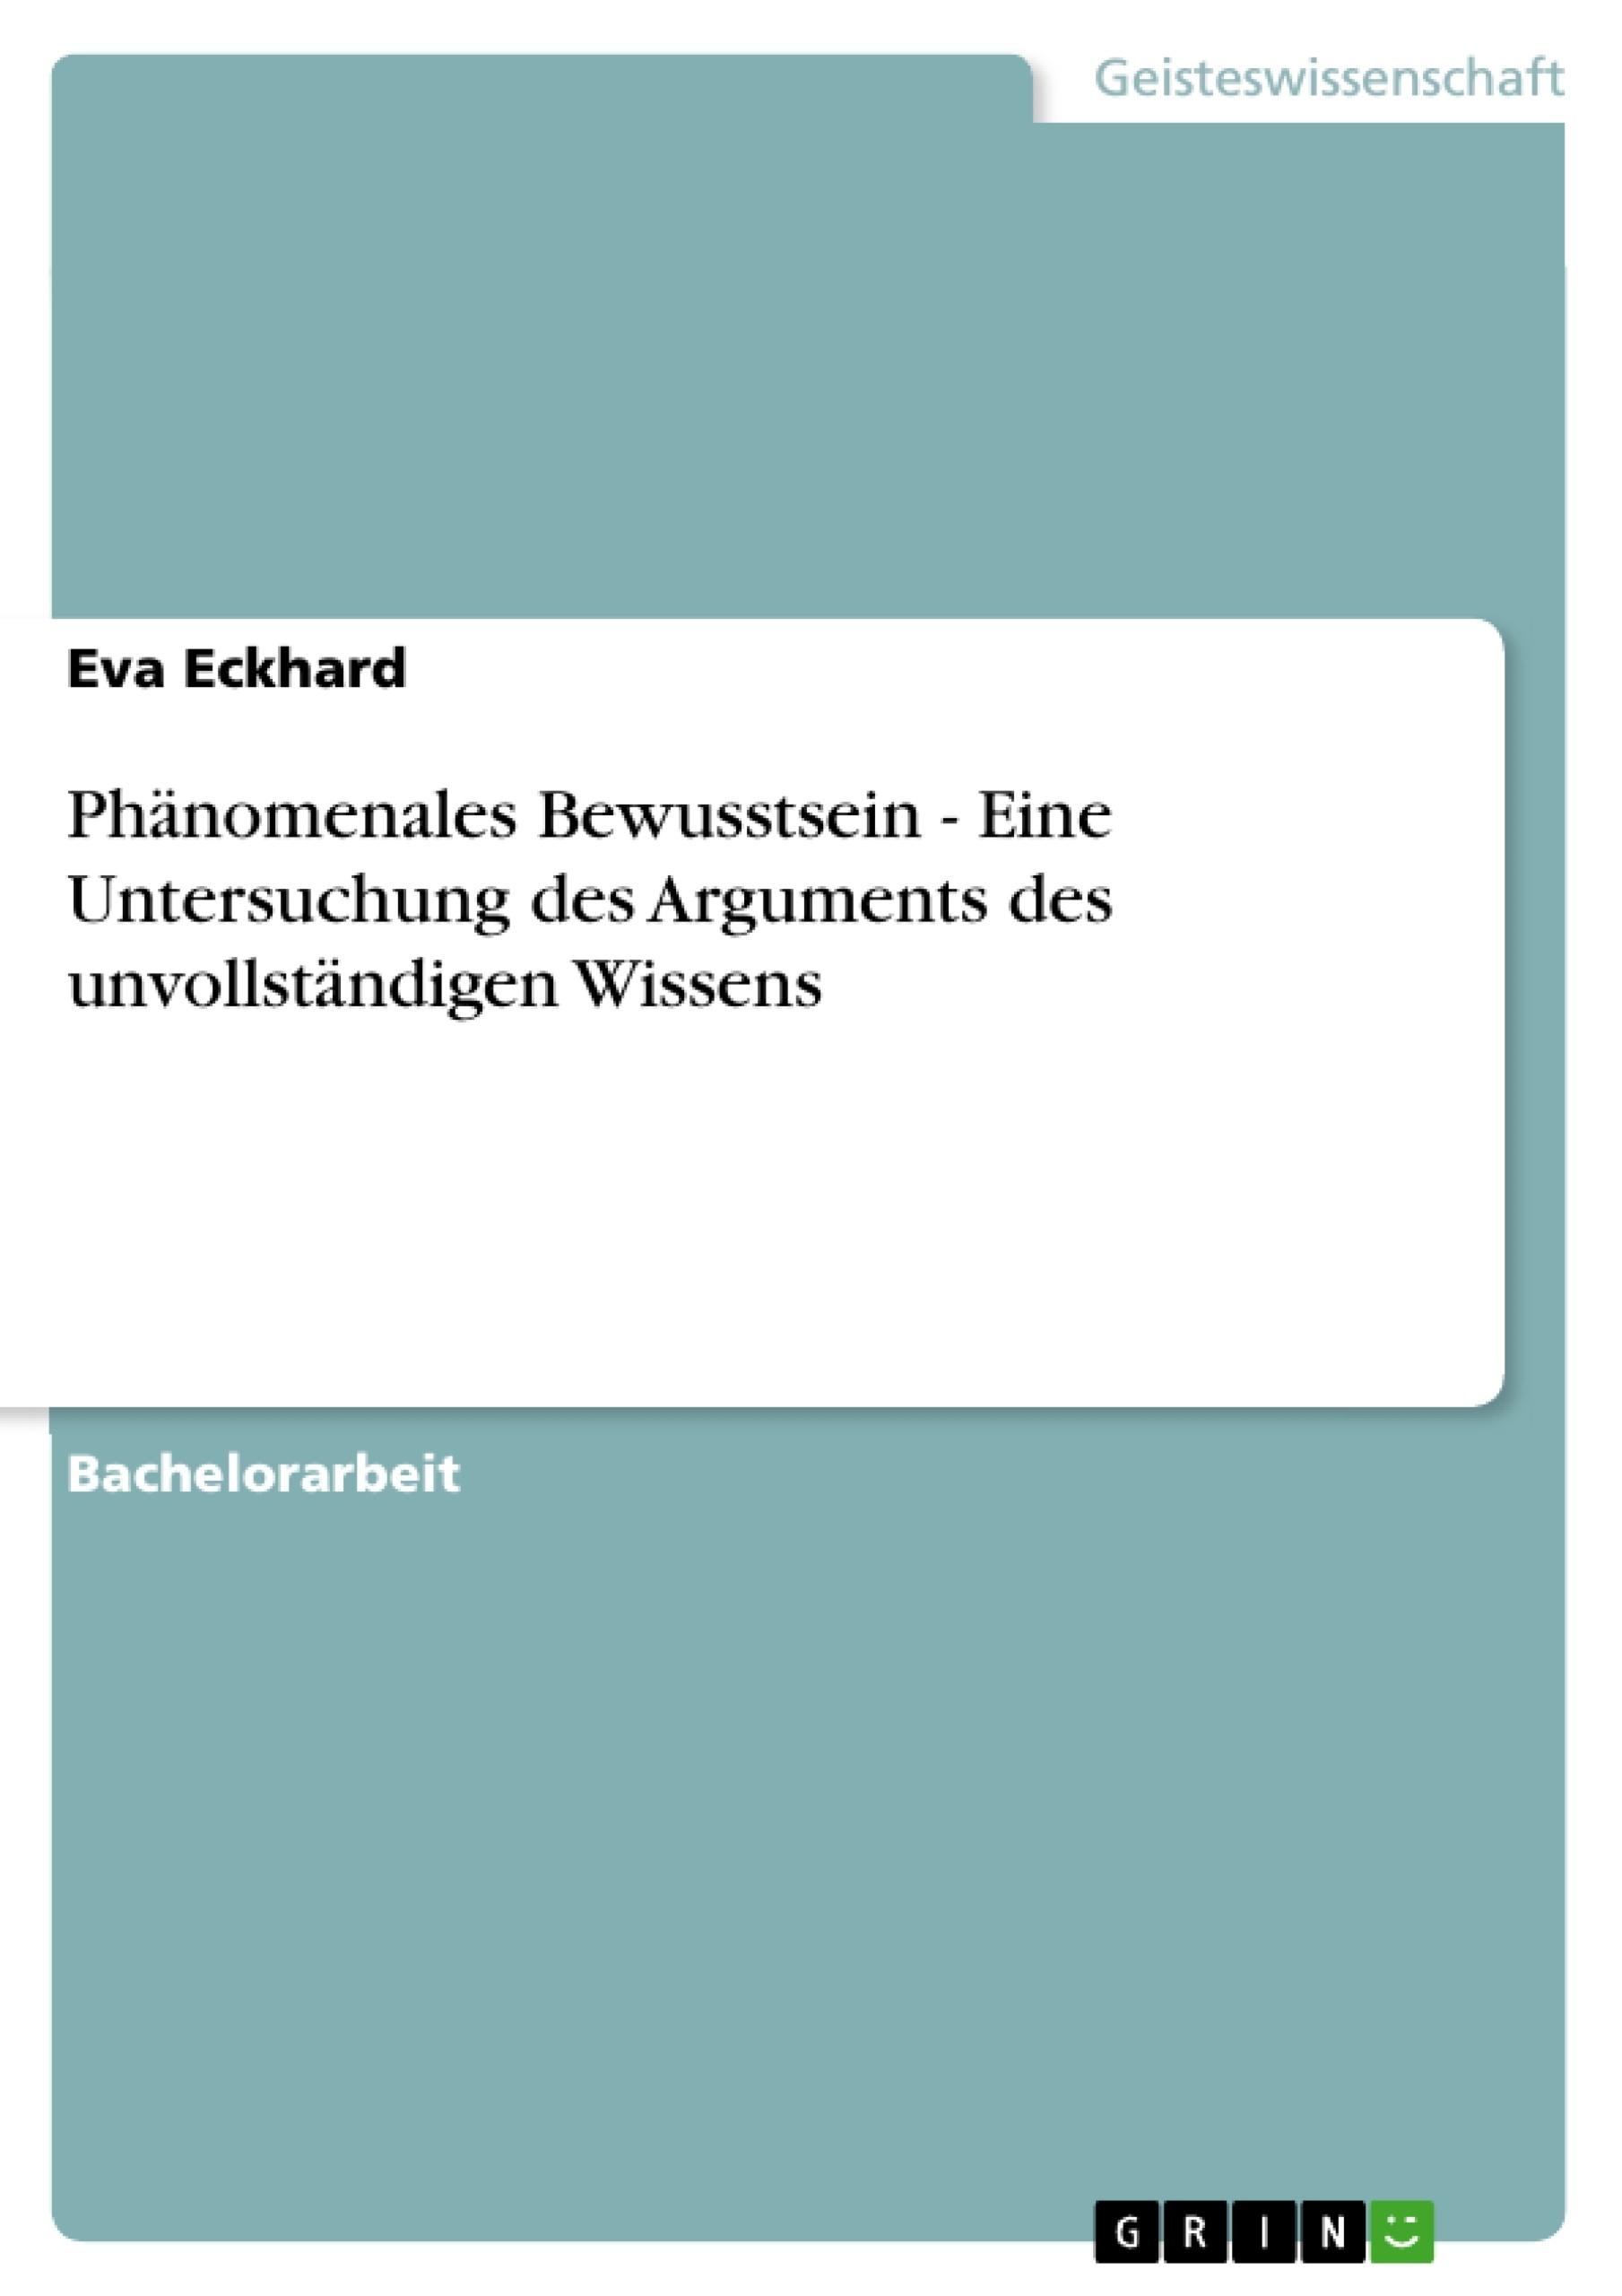 Titel: Phänomenales Bewusstsein - Eine Untersuchung des Arguments des unvollständigen Wissens